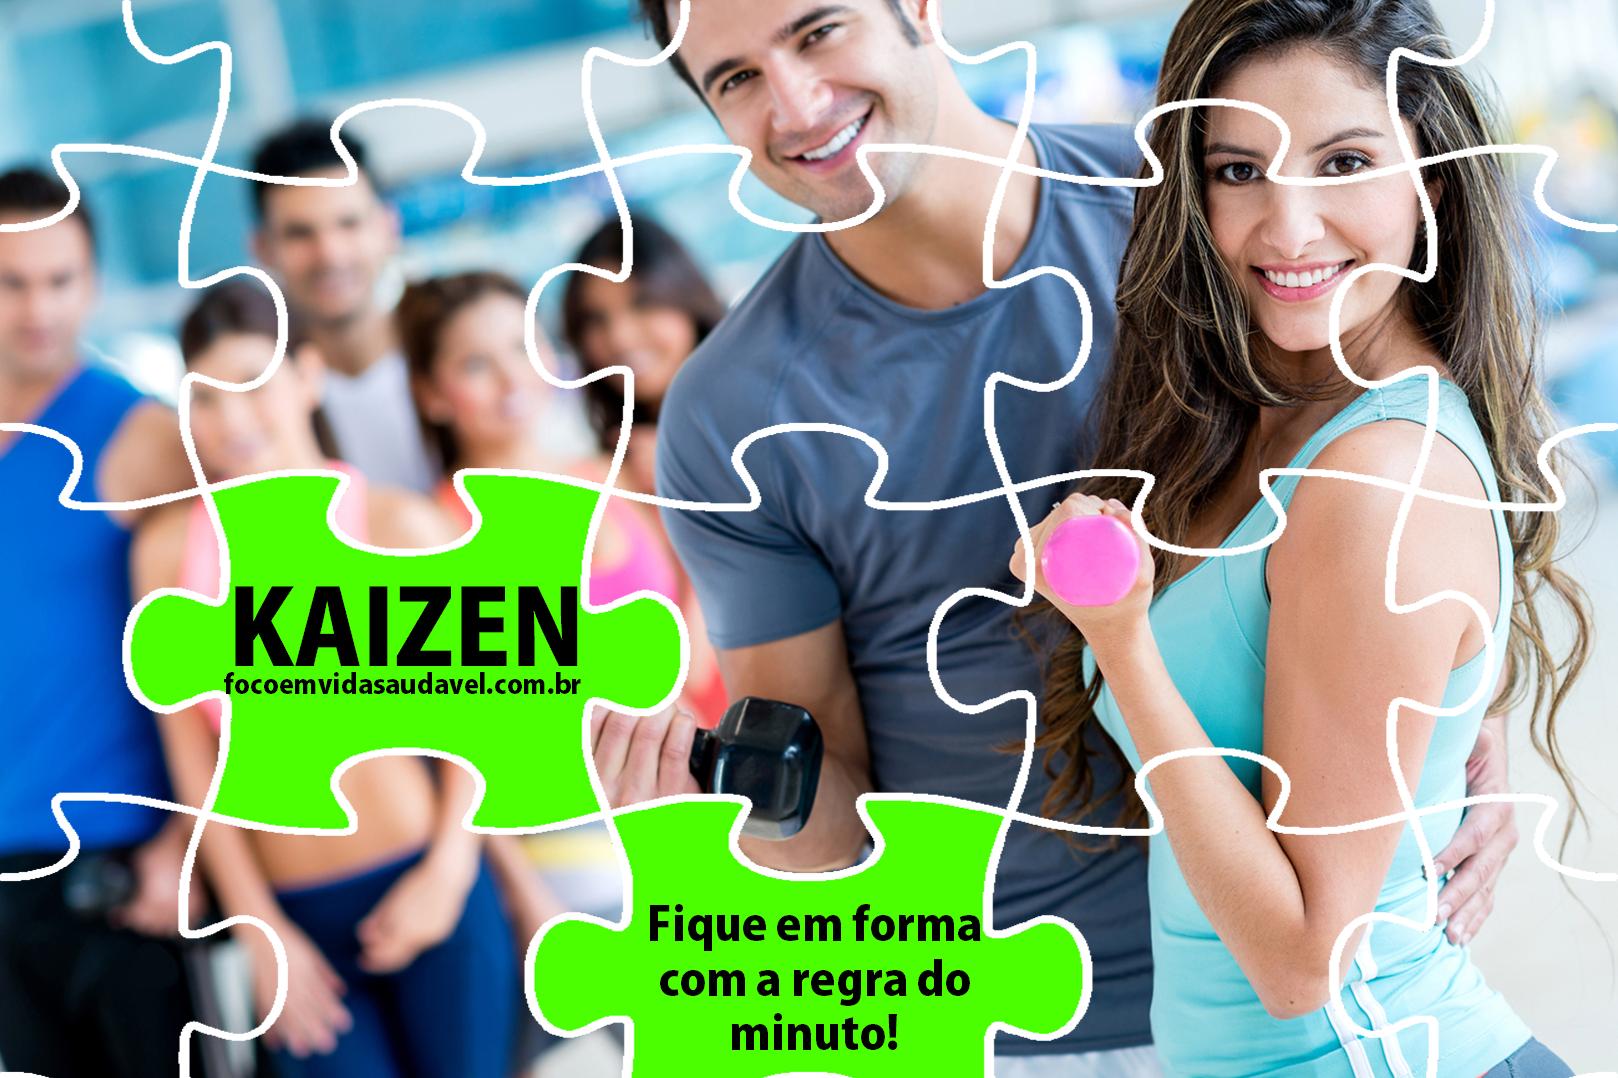 Fique em forma com o Metodo Kaizen a regra do minuto... leia mais: http://www.focoemvidasaudavel.com.br/fique-em-forma-com-o-metodo-kaizen-a-regra-do-minuto/ #focoemvidasaudavel #vidaativaesaudavel #herbalife